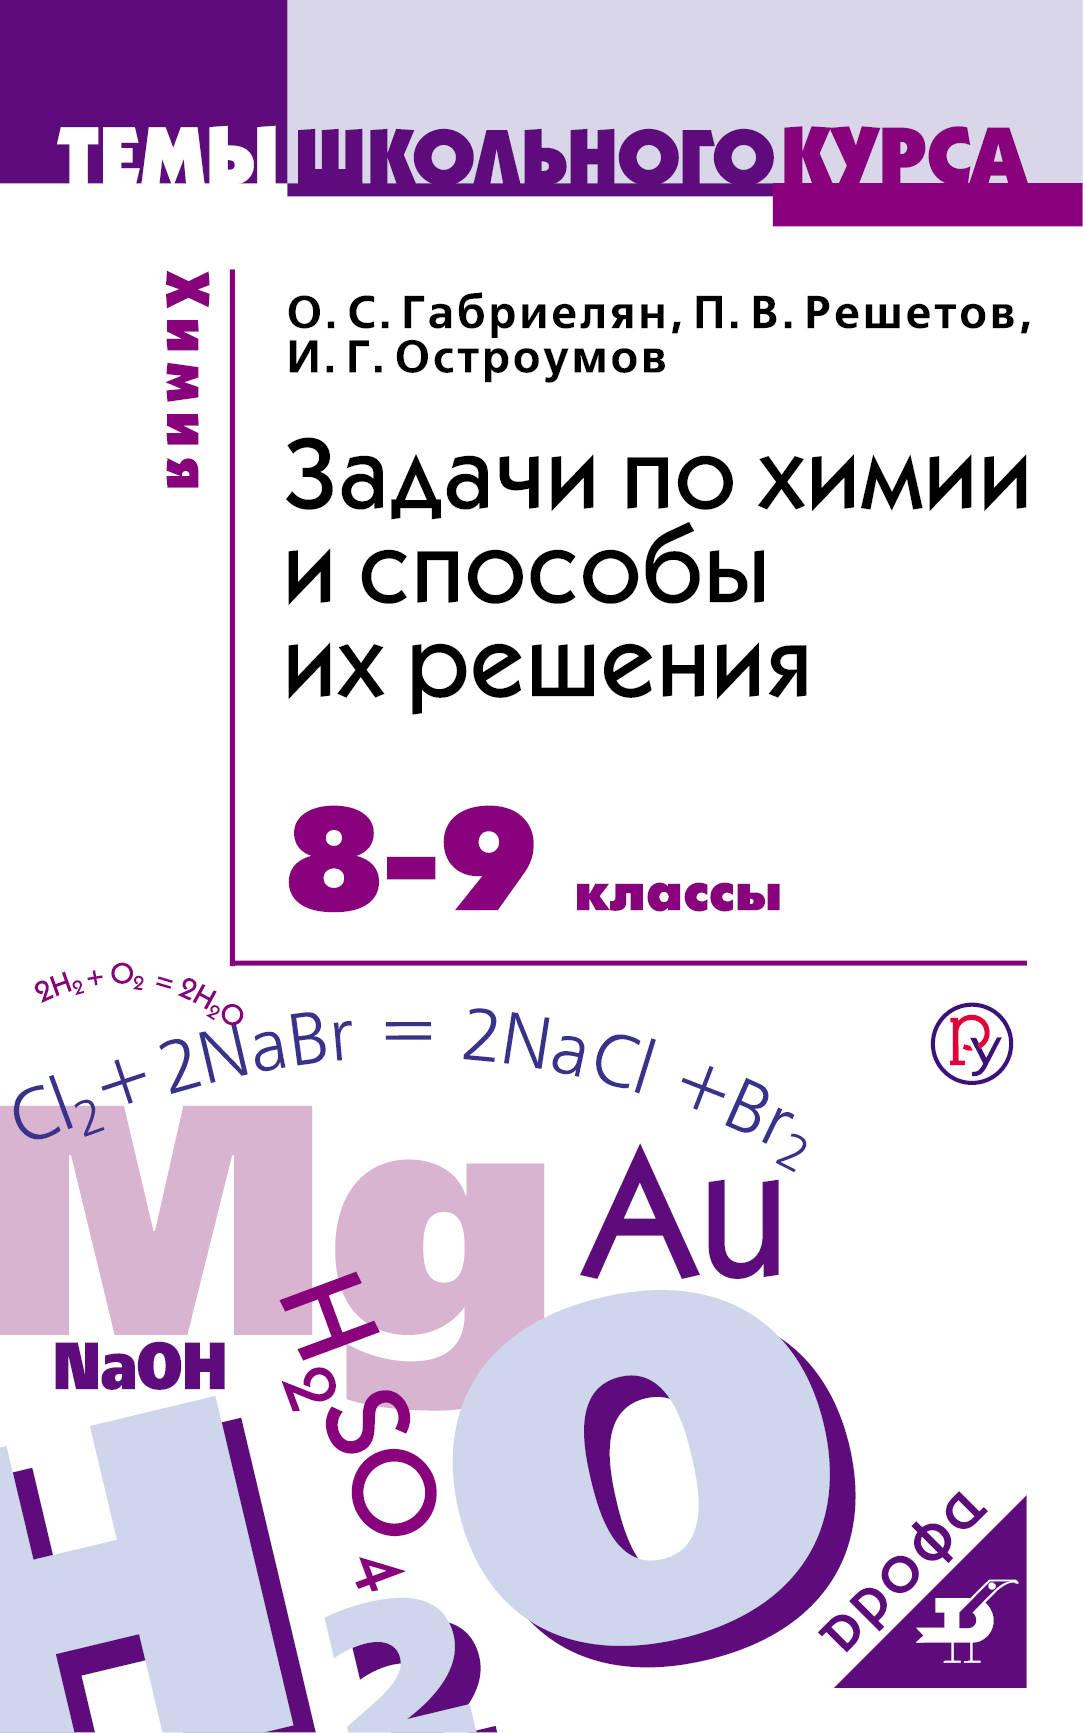 О. С. Габриелян, П. В. Решетов, И. Г. Остроумов Химия. 8-9 классы. Задачи по химии и способы их решения